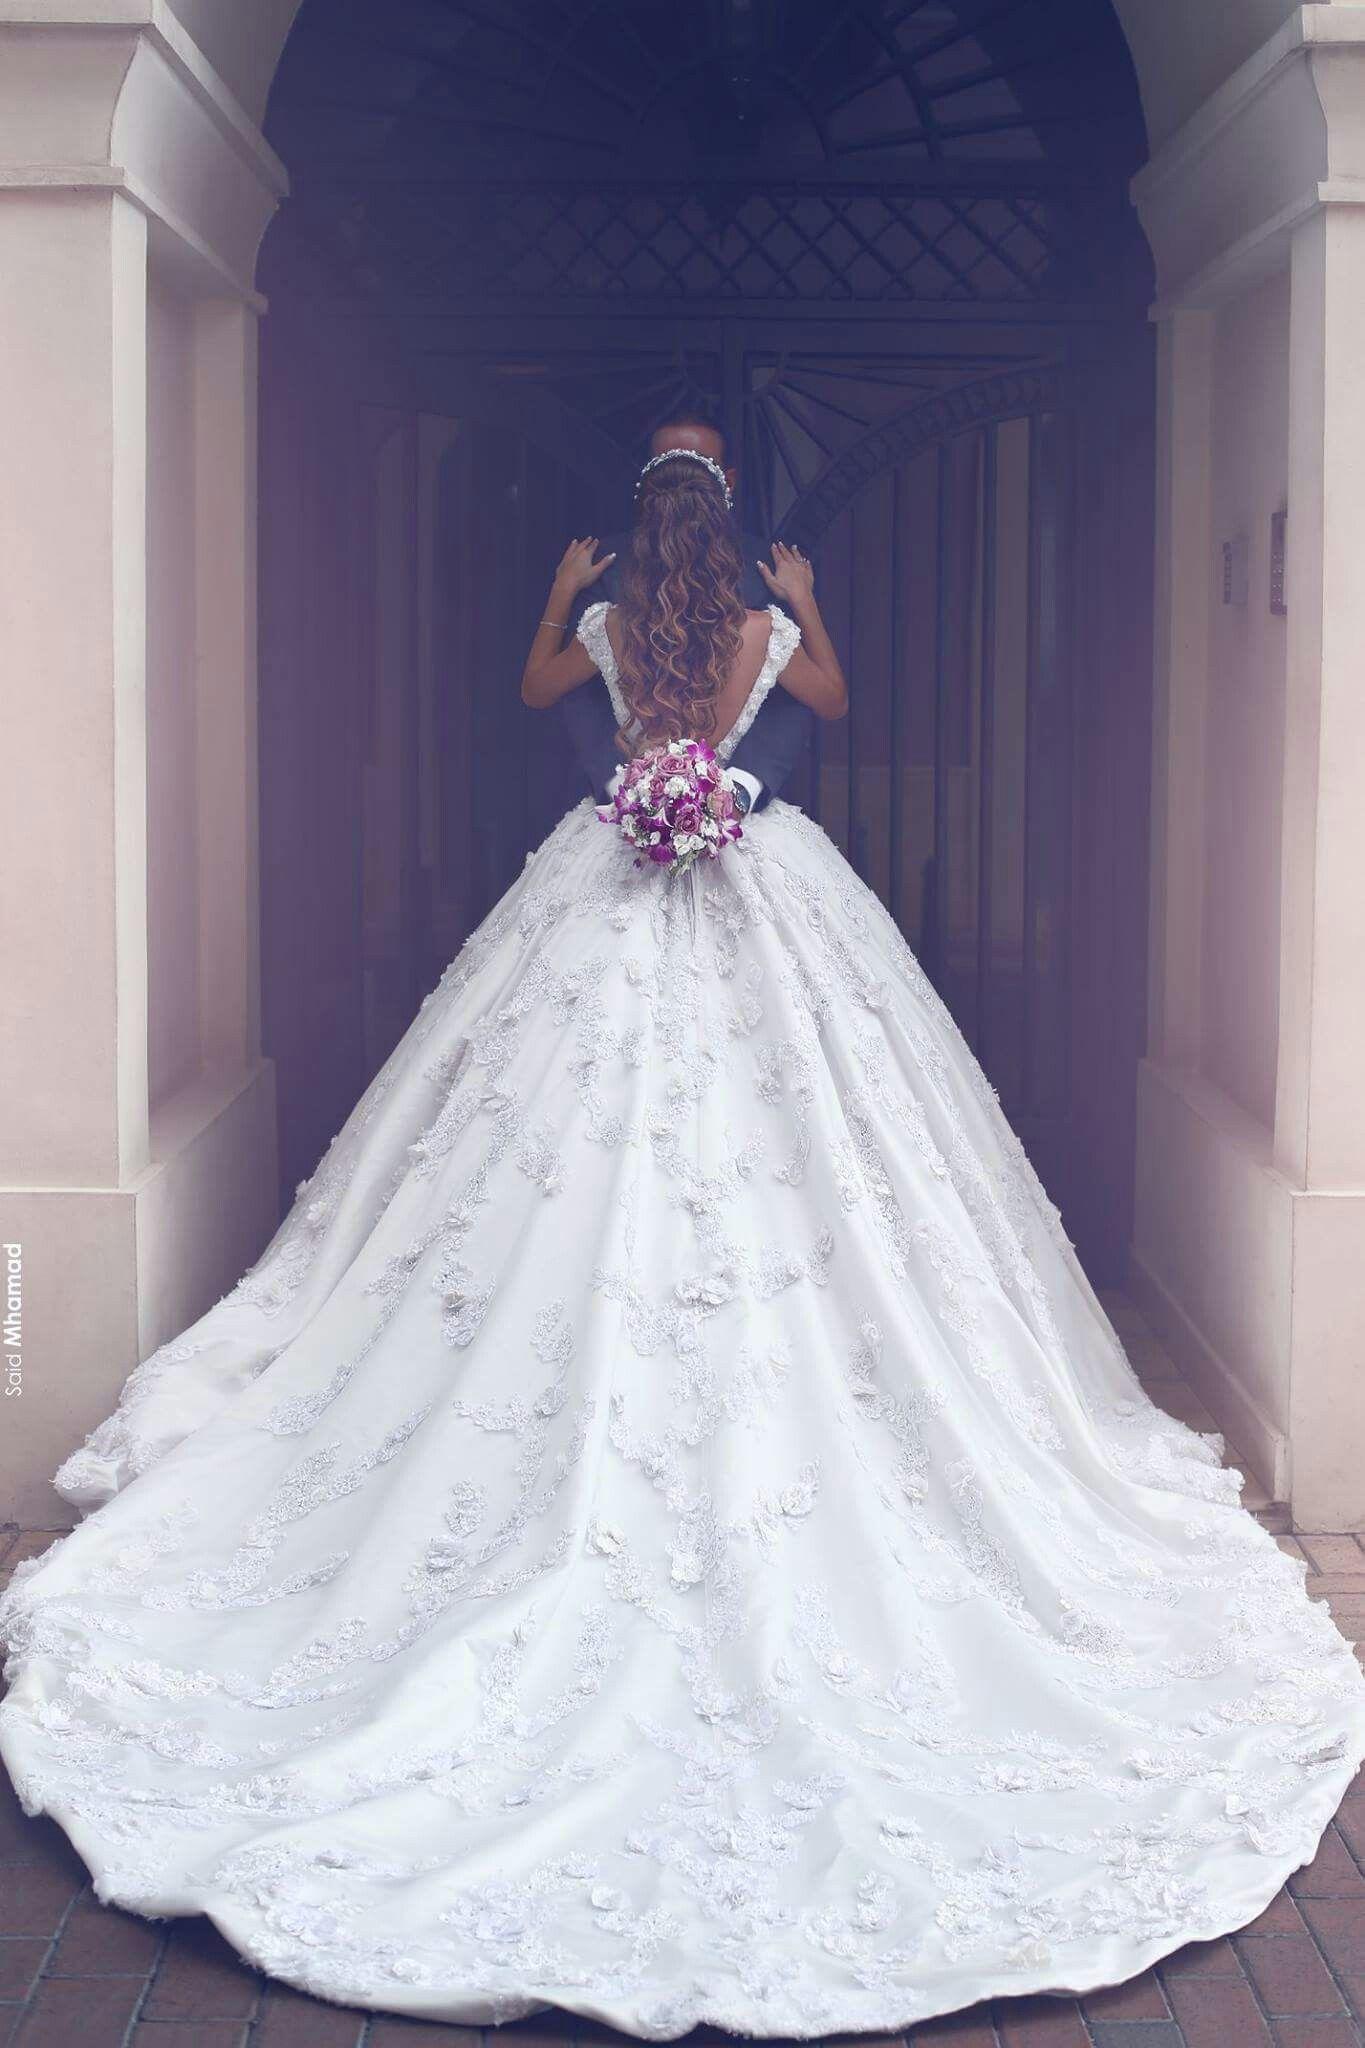 Pin de Mónica Patricia Marin Rodriguez en Wedding | Pinterest ...